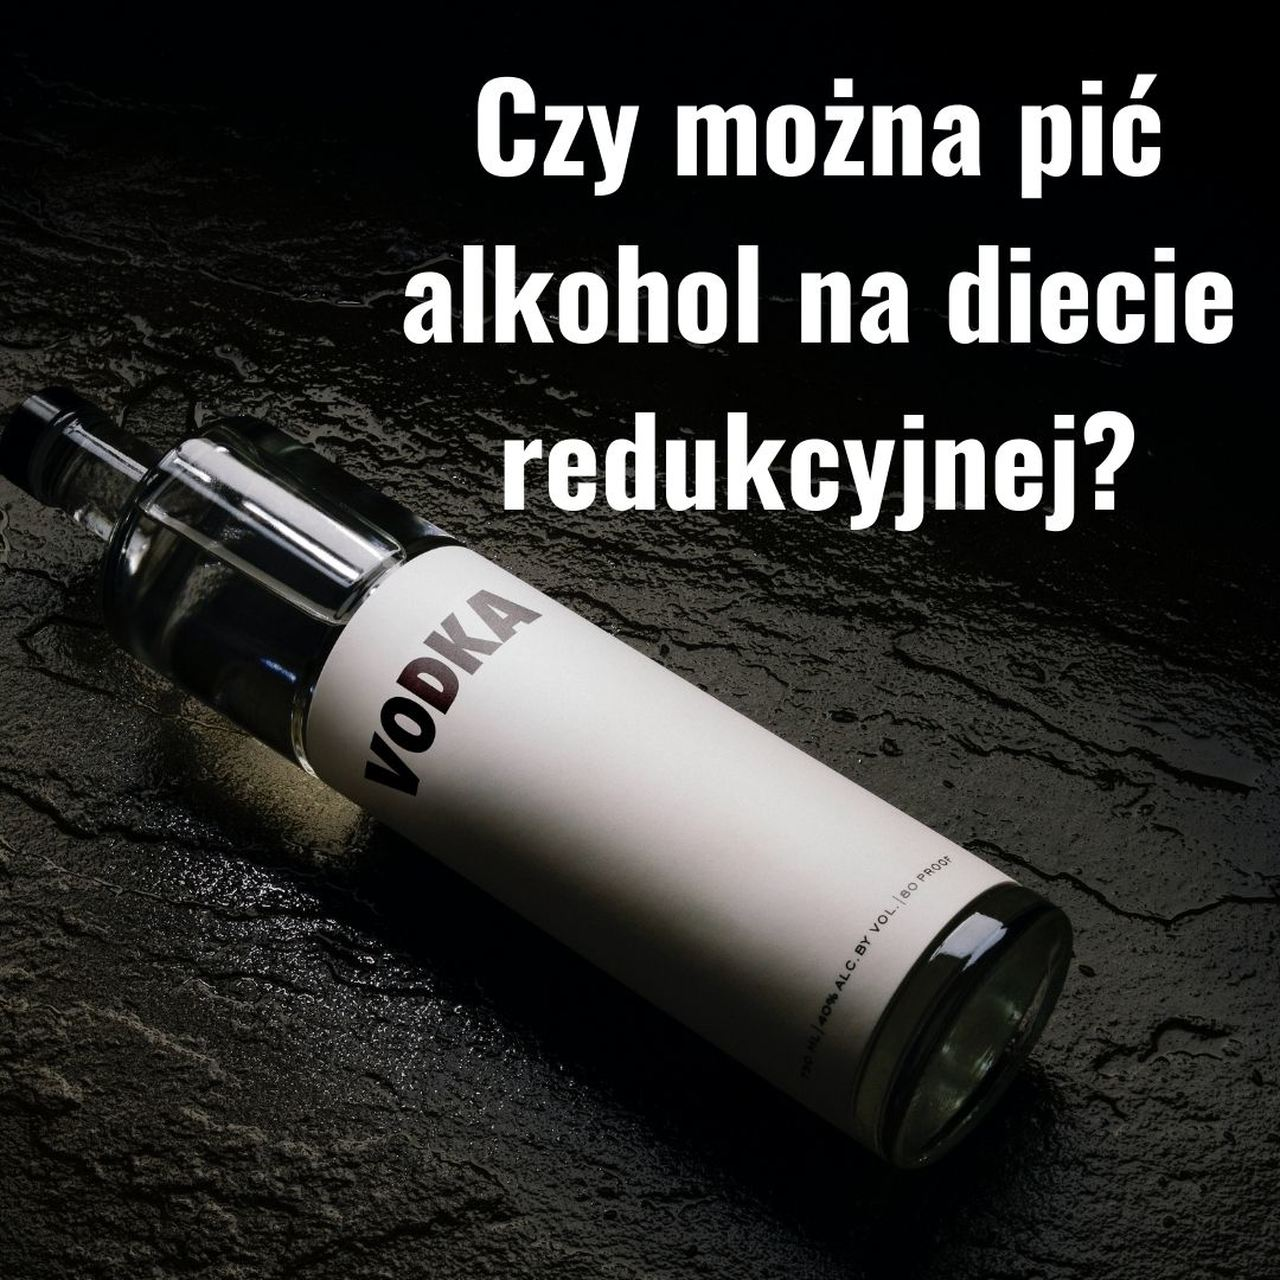 Czy można pić alkohol na diecie redukcyjnej?